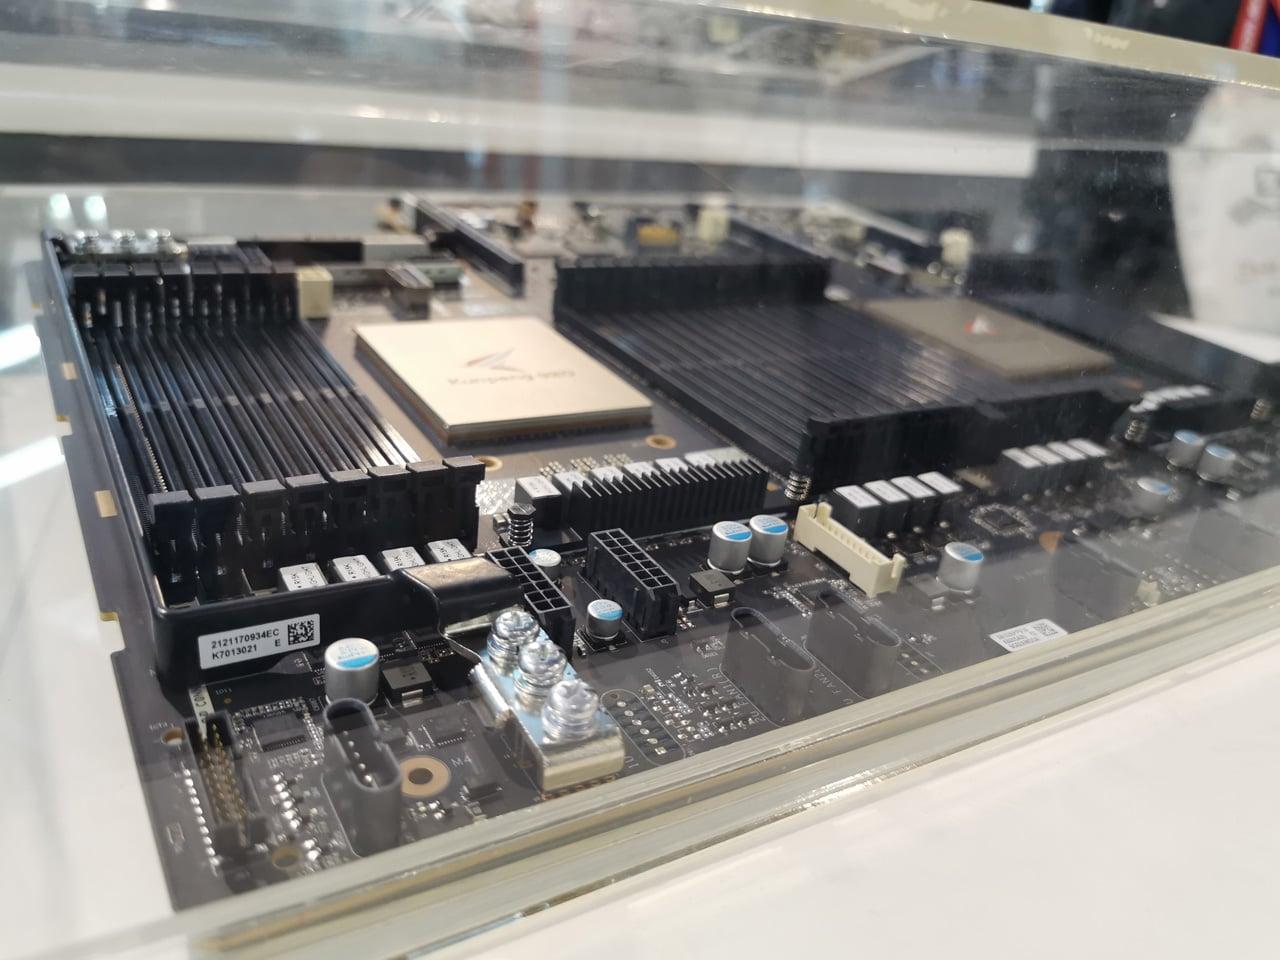 Základní desky Kunpeng Server Board a Desktop Board od Huawei